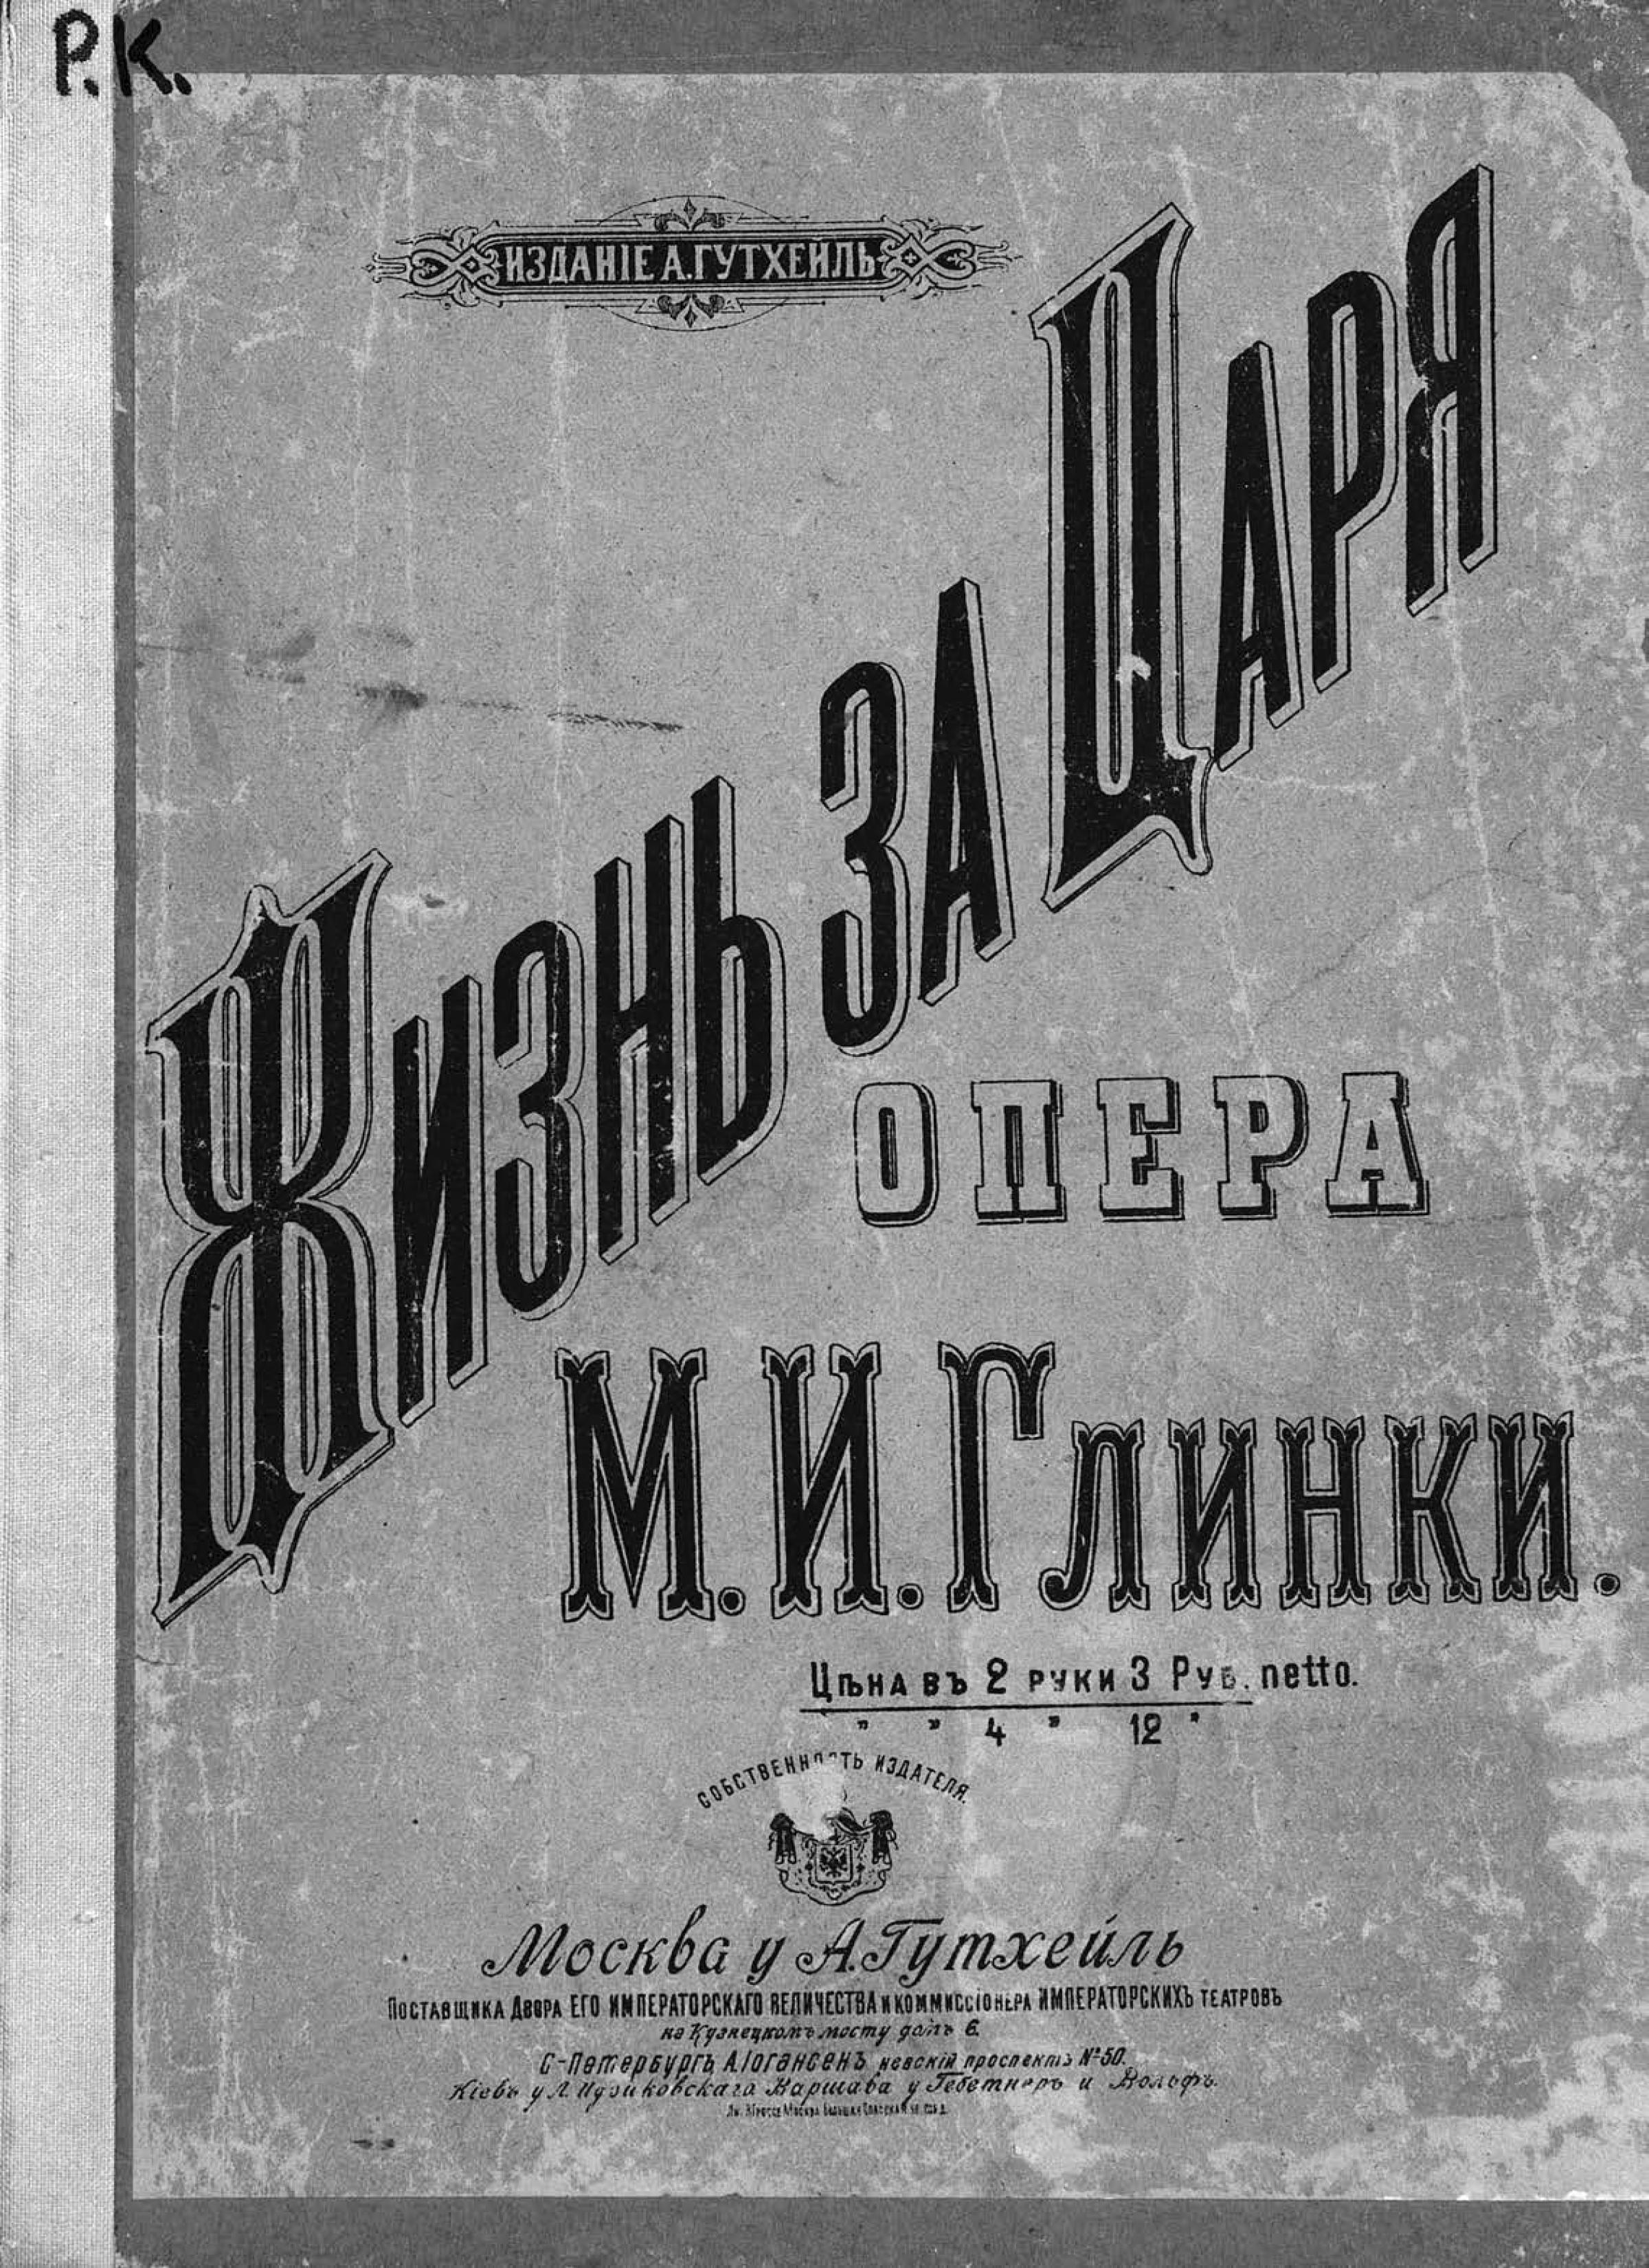 Михаил Иванович Глинка Жизнь за царя михаил иванович глинка rousslan et ludmila